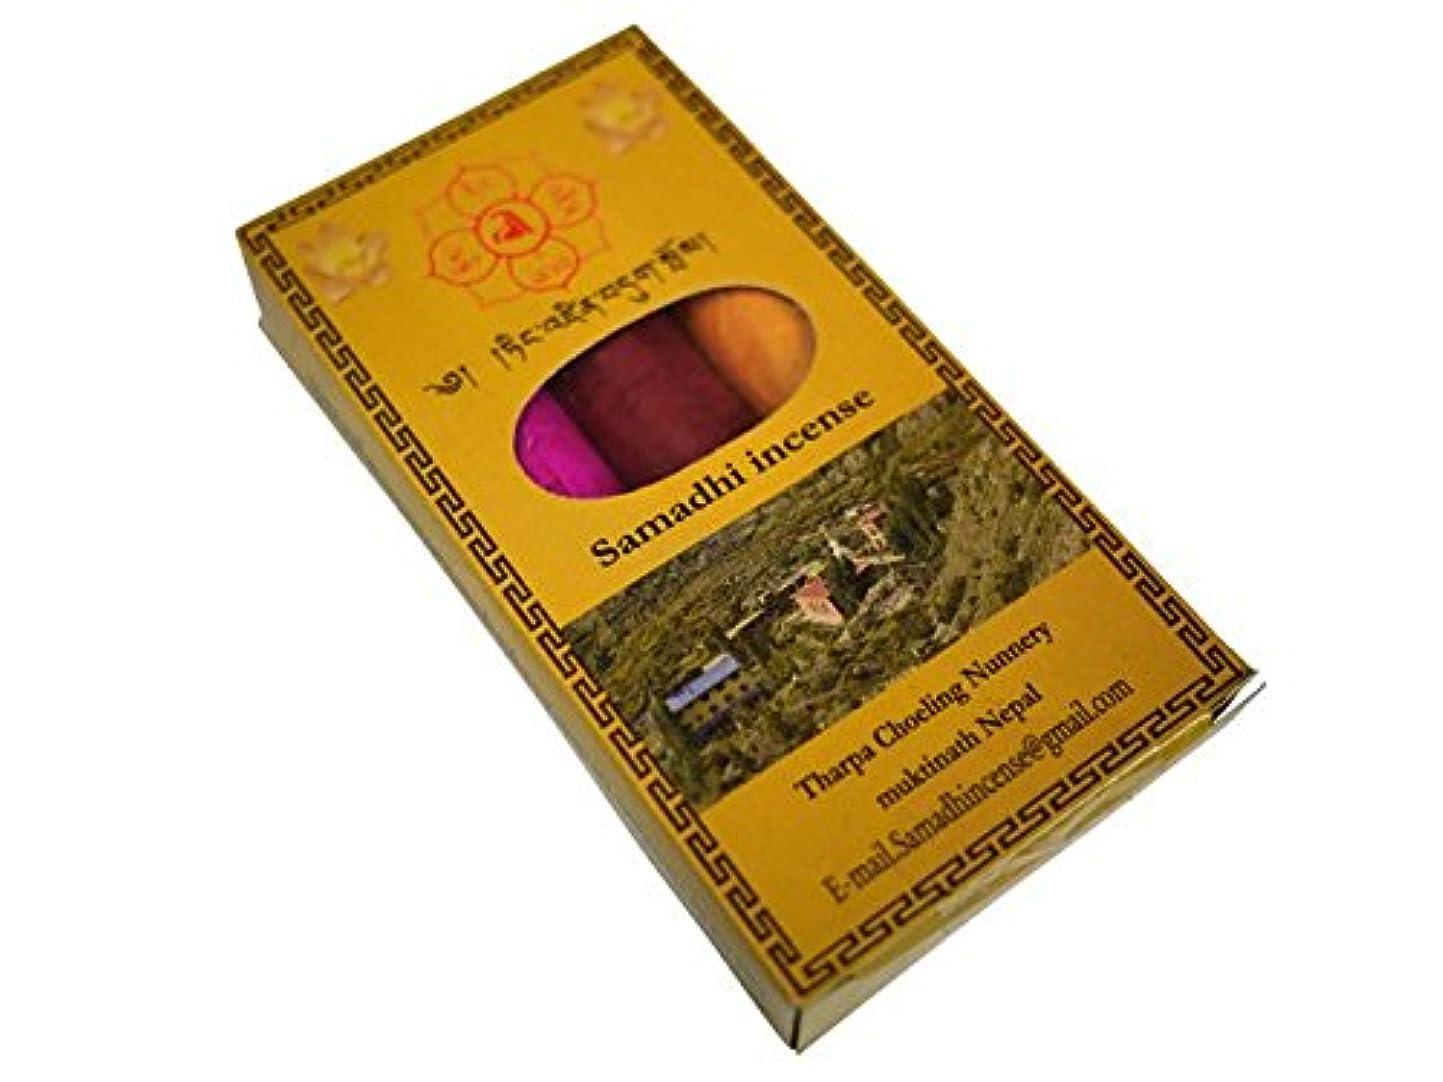 辛いアンタゴニスト揮発性タルパチョリンナニー チベット仏教寺院タルパチョリンナニーのお香【Samadhi3in1】